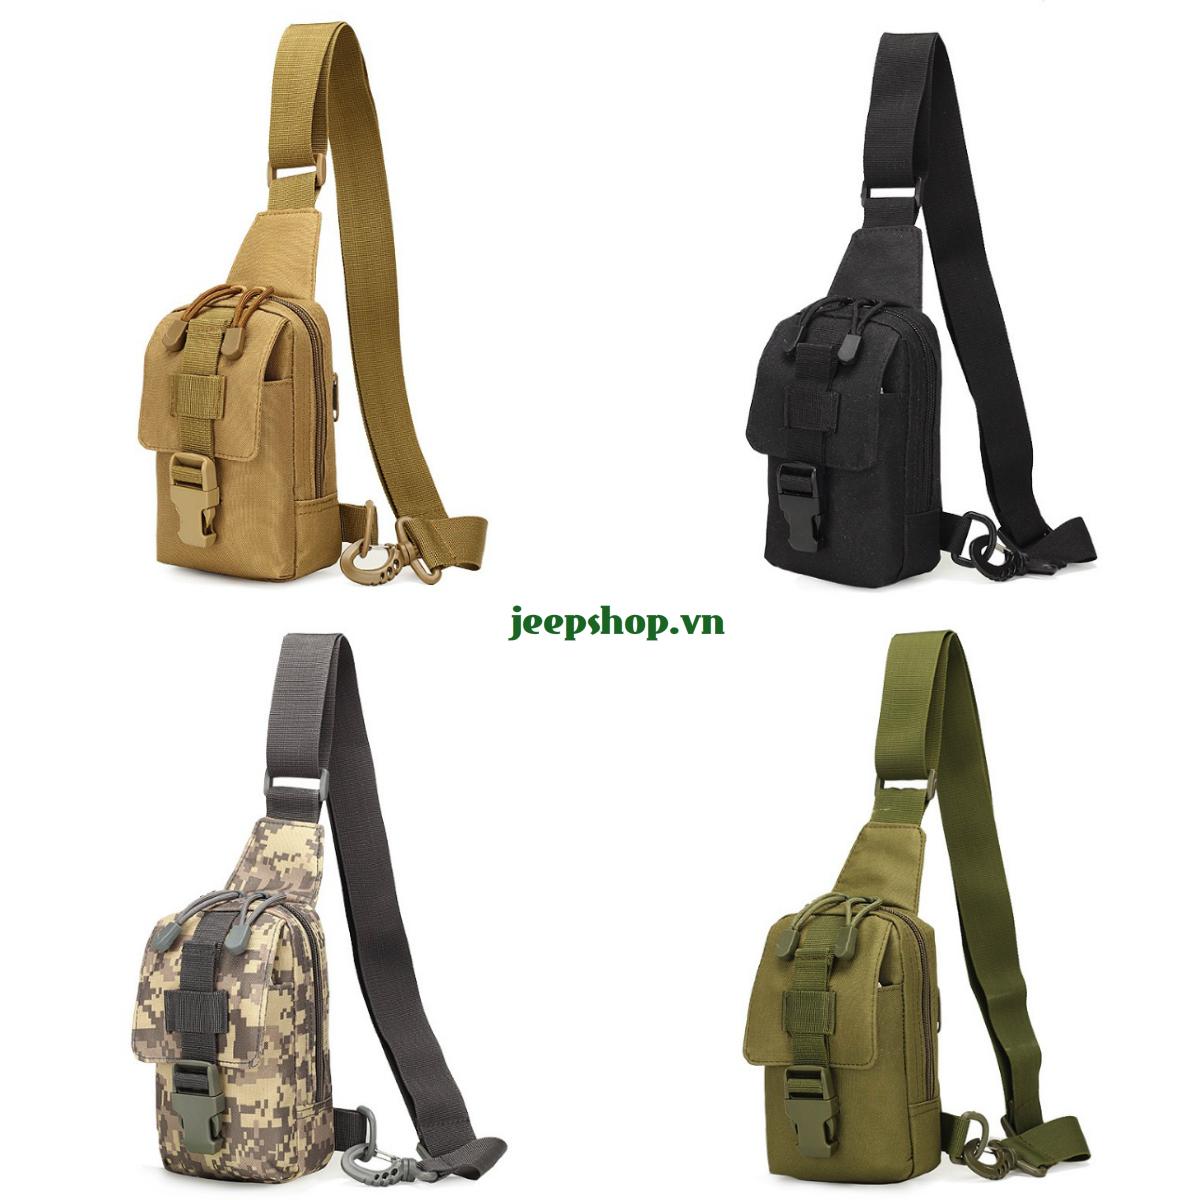 Chuyên cung cấp Ba lô , Túi đeo, Túi xách, Giày... phong cách lính - 19